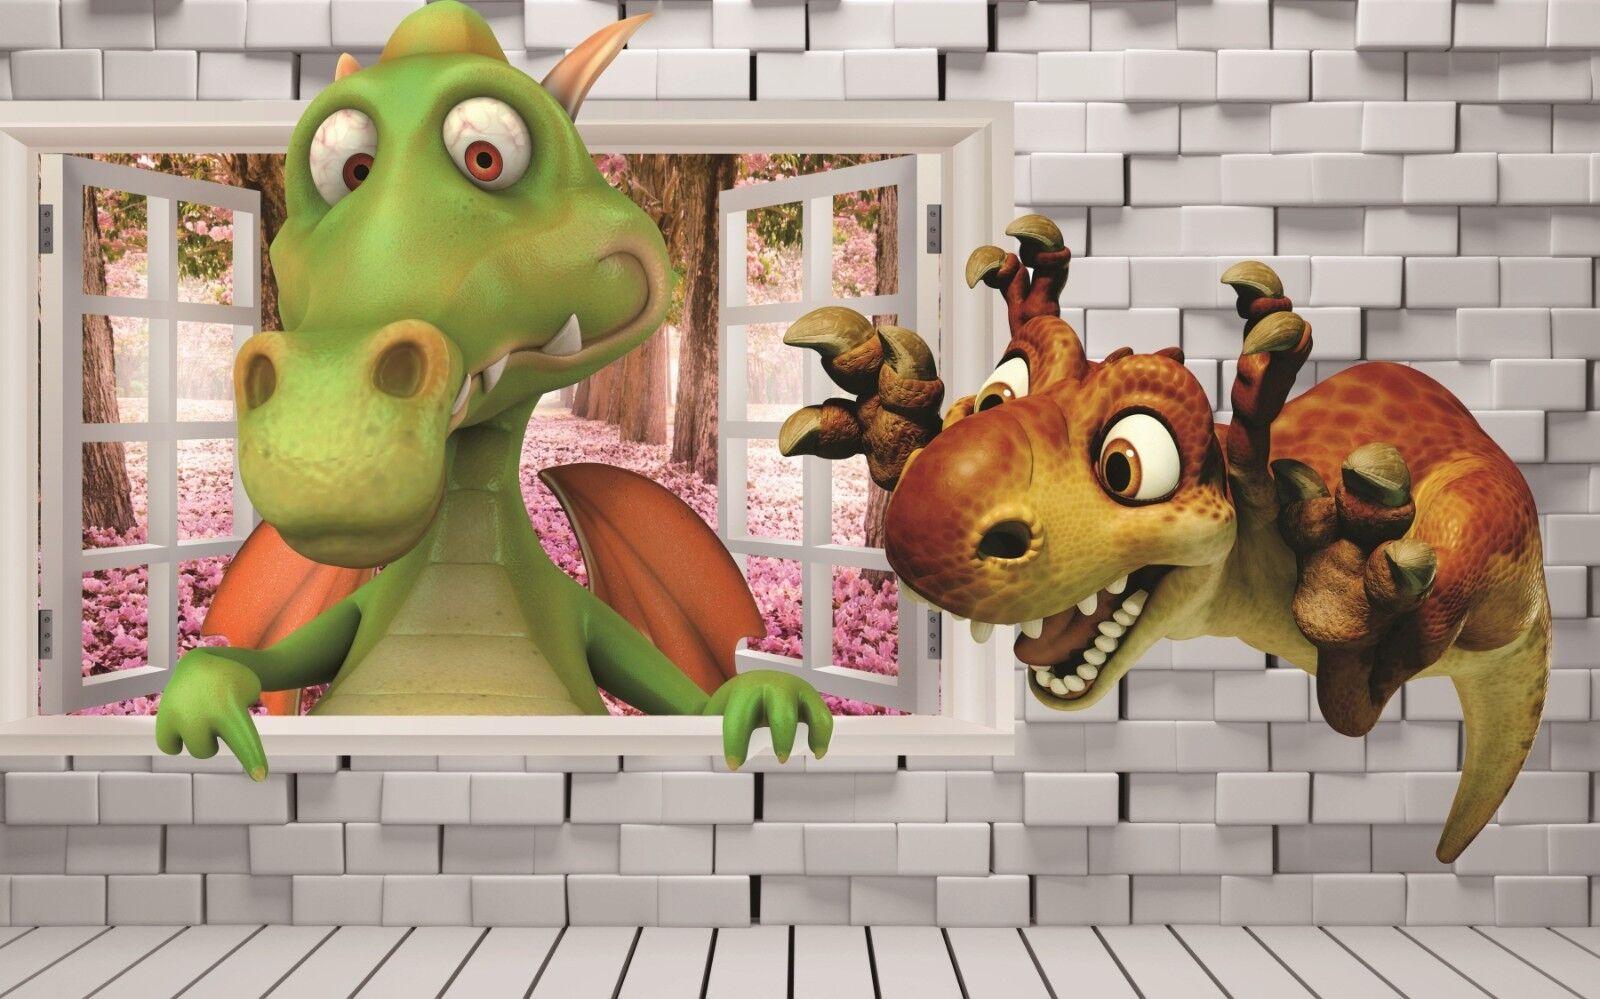 3D Karikatur Dinosaurier 7988 Tapete Wandgemälde Wandgemälde Wandgemälde Tapeten Bild Familie DE Lemon | Treten Sie ein in die Welt der Spielzeuge und finden Sie eine Quelle des Glücks  a3deb3